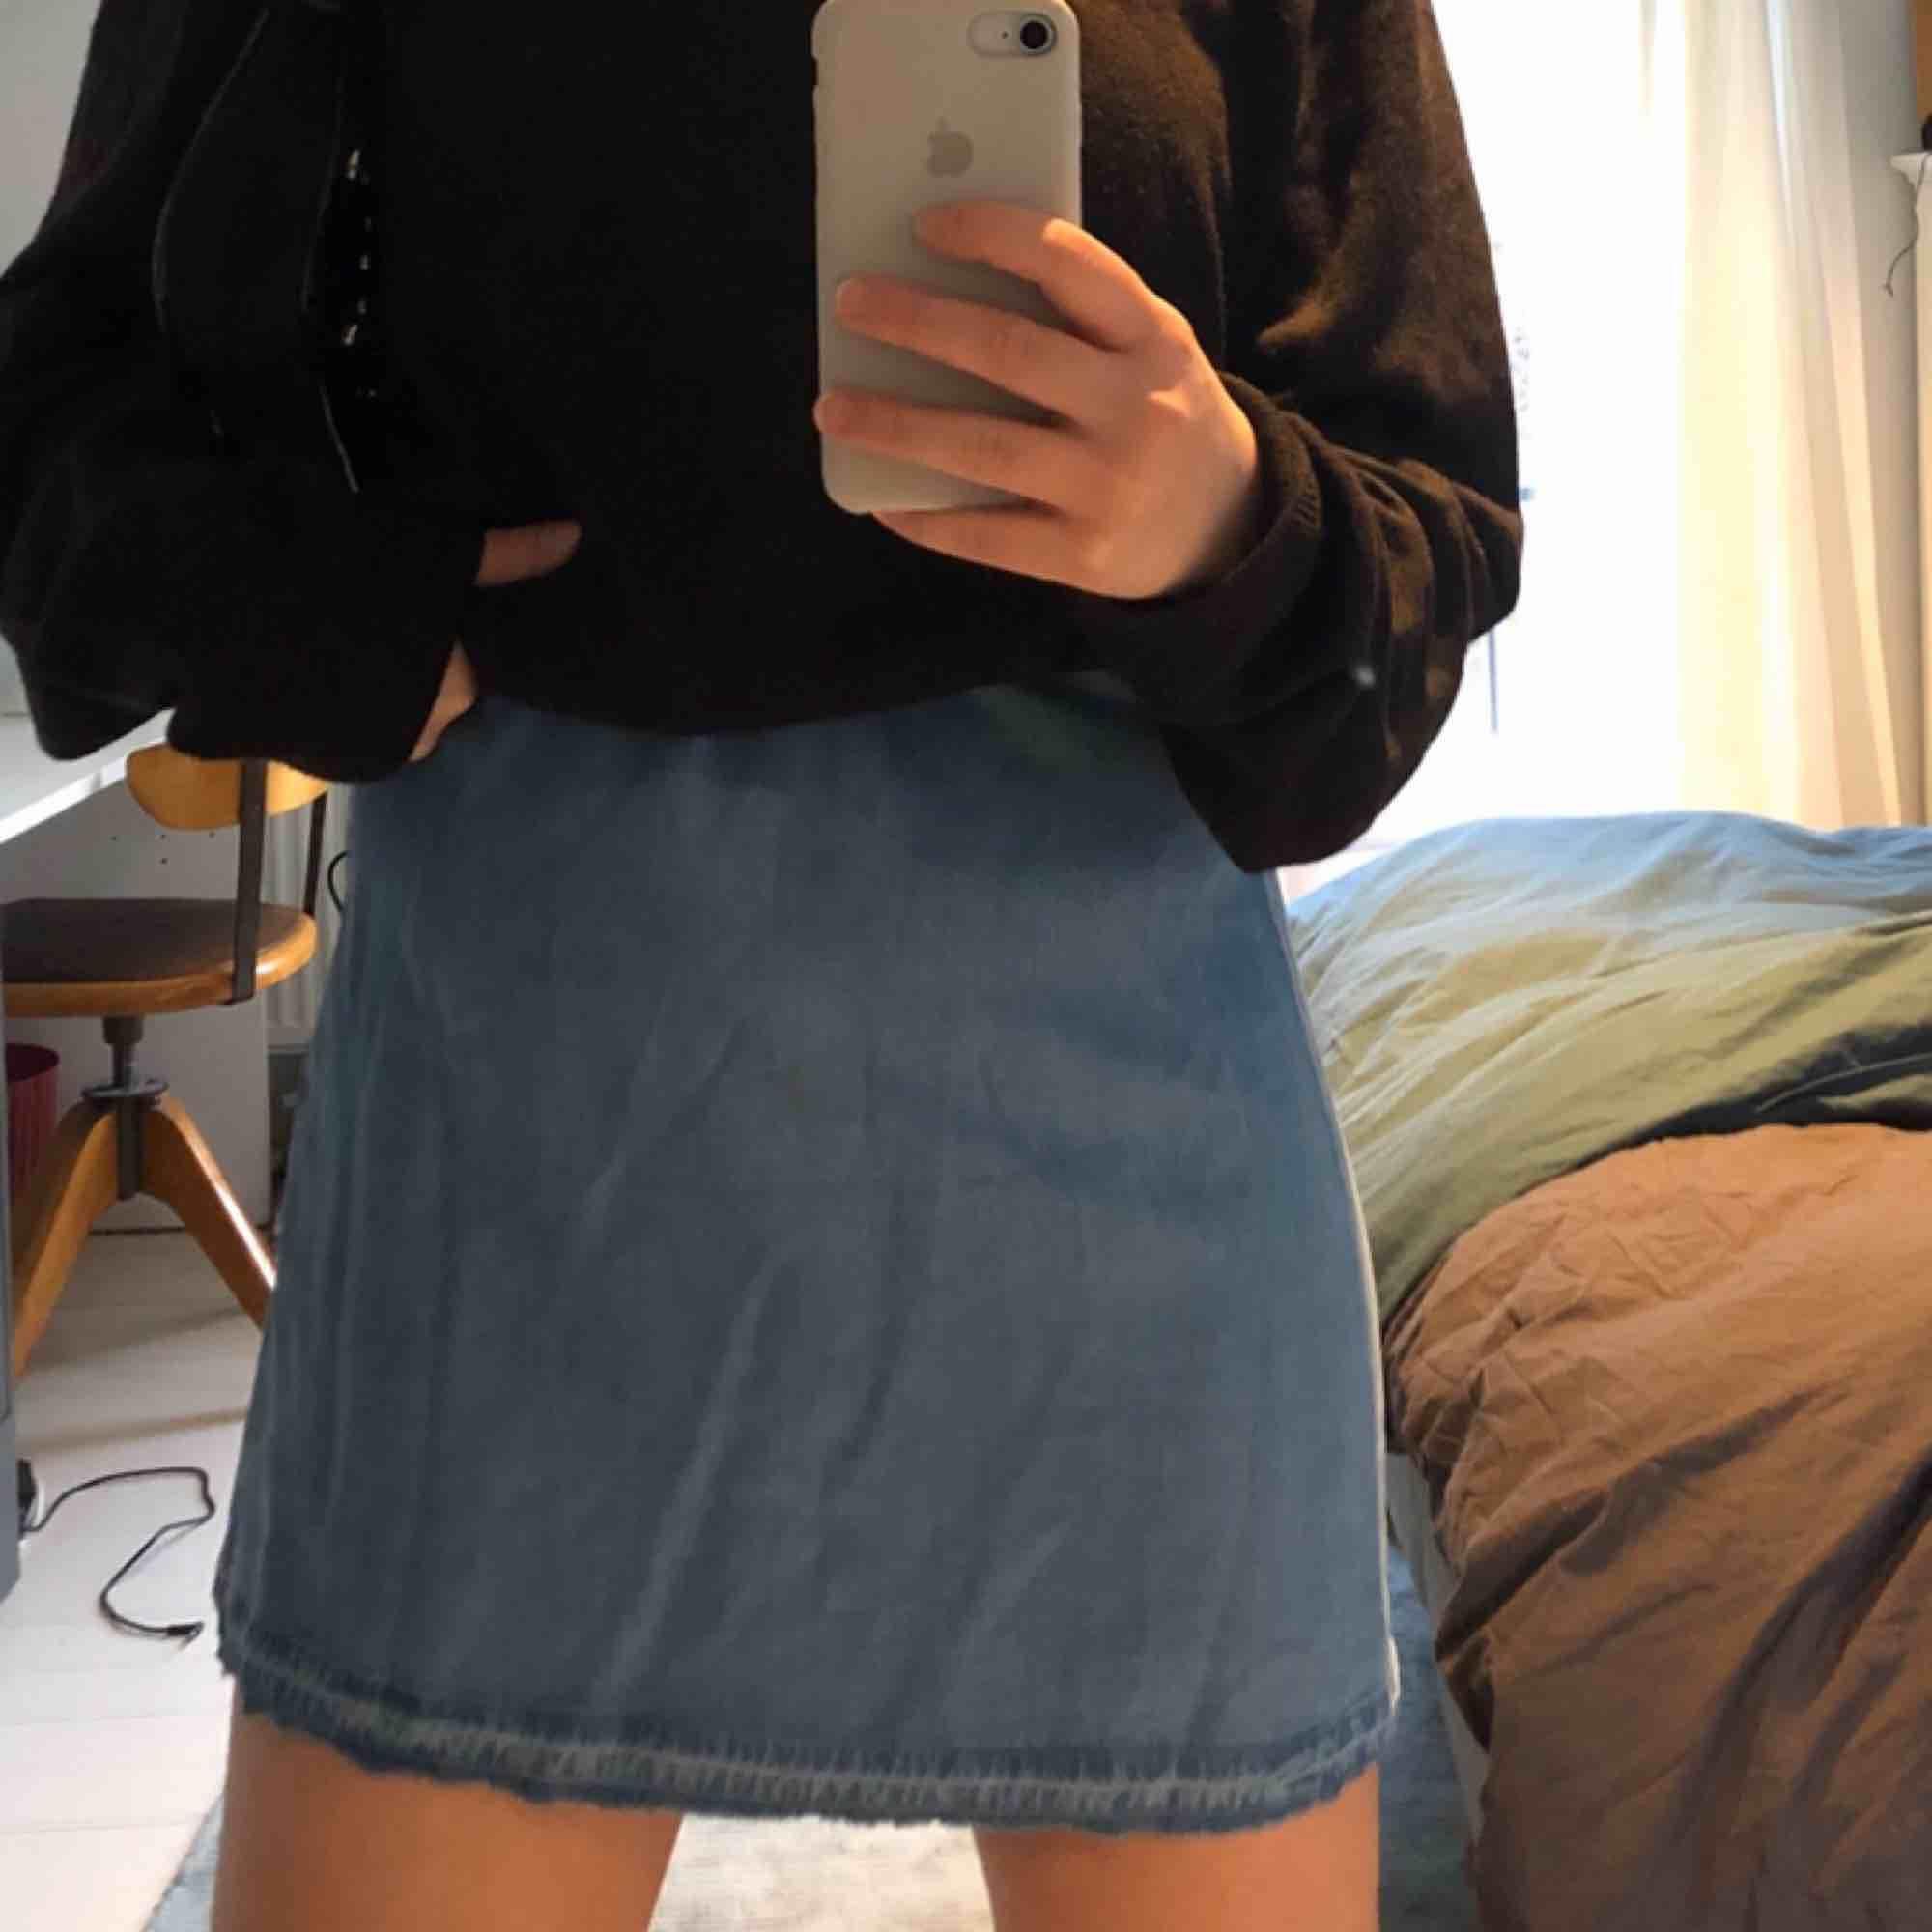 Superfin klänning från Zara gjord i ett tunnare jeanstyg! Kan användas som fin sommarklänning eller snygg kjol till en oversized sweatshirt!. Klänningar.